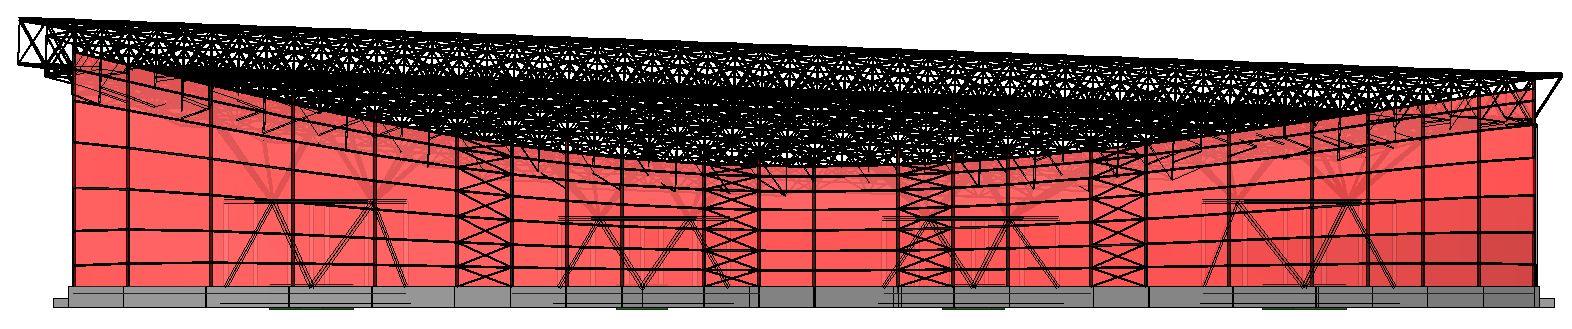 Modello strutturale IperSpace - laterale